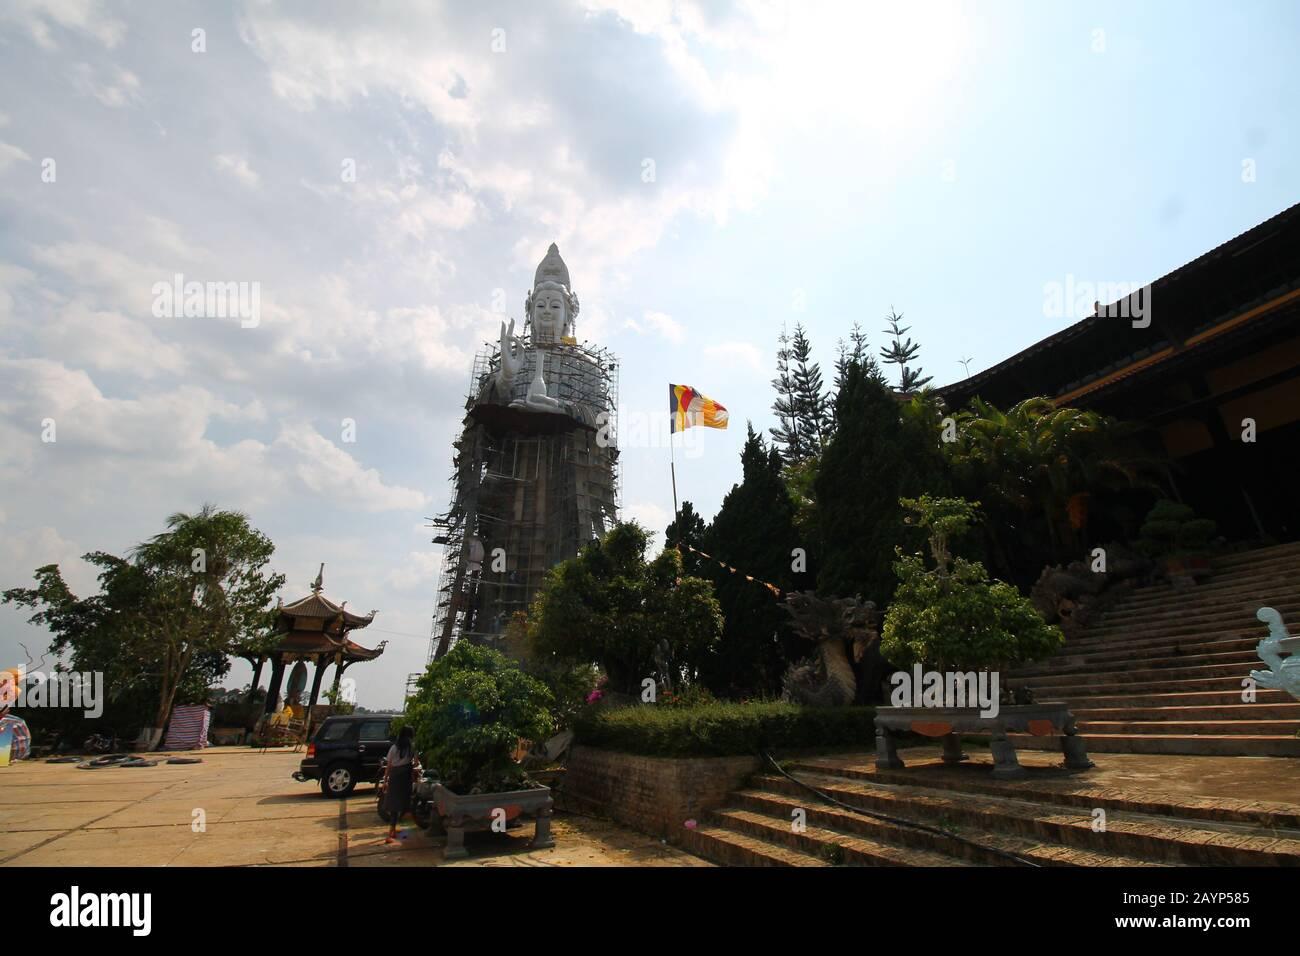 Estatua gigante de Buda bajo renovación fuera de Linh An Pagoda en da lat Vietnam que se abre y libre para los turistas locales y extranjeros Foto de stock